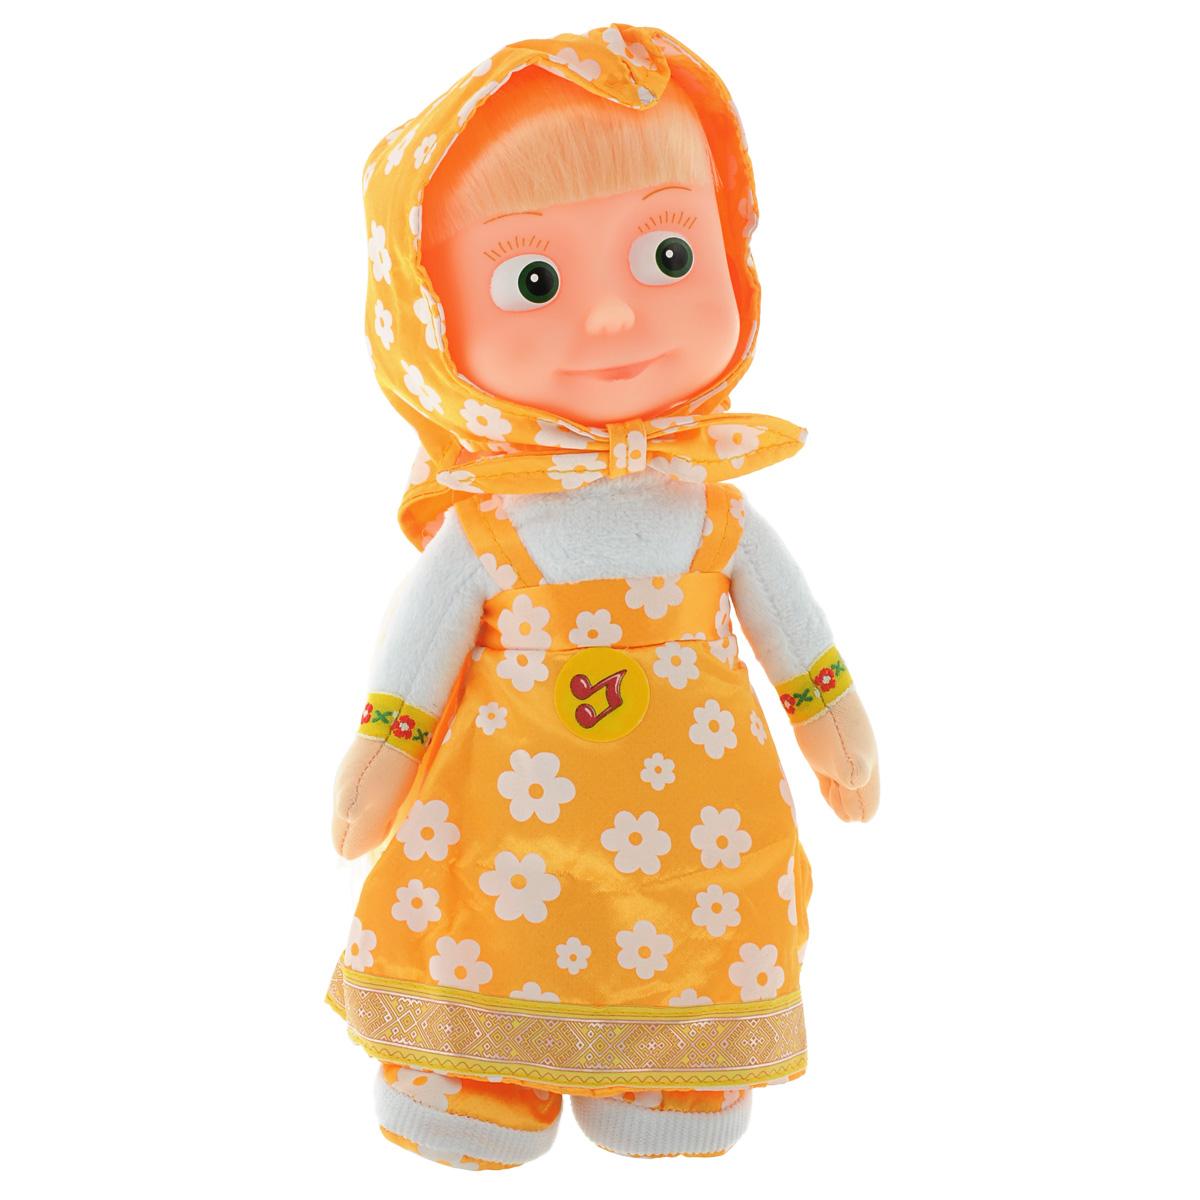 Мульти-Пульти Мягкая кукла МашаV86121/30A_желтыйМягкая озвученная игрушка Мульти-Пульти Маша вызовет улыбку у каждого, кто ее увидит! Она выполнена в виде Маши - главной героини популярного мультсериала Маша и Медведь. Туловище игрушки - мягконабивное, голова - пластиковая. Одета она в желтый сарафан с принтом в виде белых ромашек, на голове повязан платочек такого же дизайна. У Маши длинные светлые волосы, заплетенные в косу. Если нажать игрушке на животик, Маша произнесет одну из коронных фраз своей героини или споет песенку из мультфильма. Игрушка подарит своему обладателю хорошее настроение и позволит насладиться обществом любимого героя. Игрушка работает от 3 батареек типа таблетка (входят в комплект).